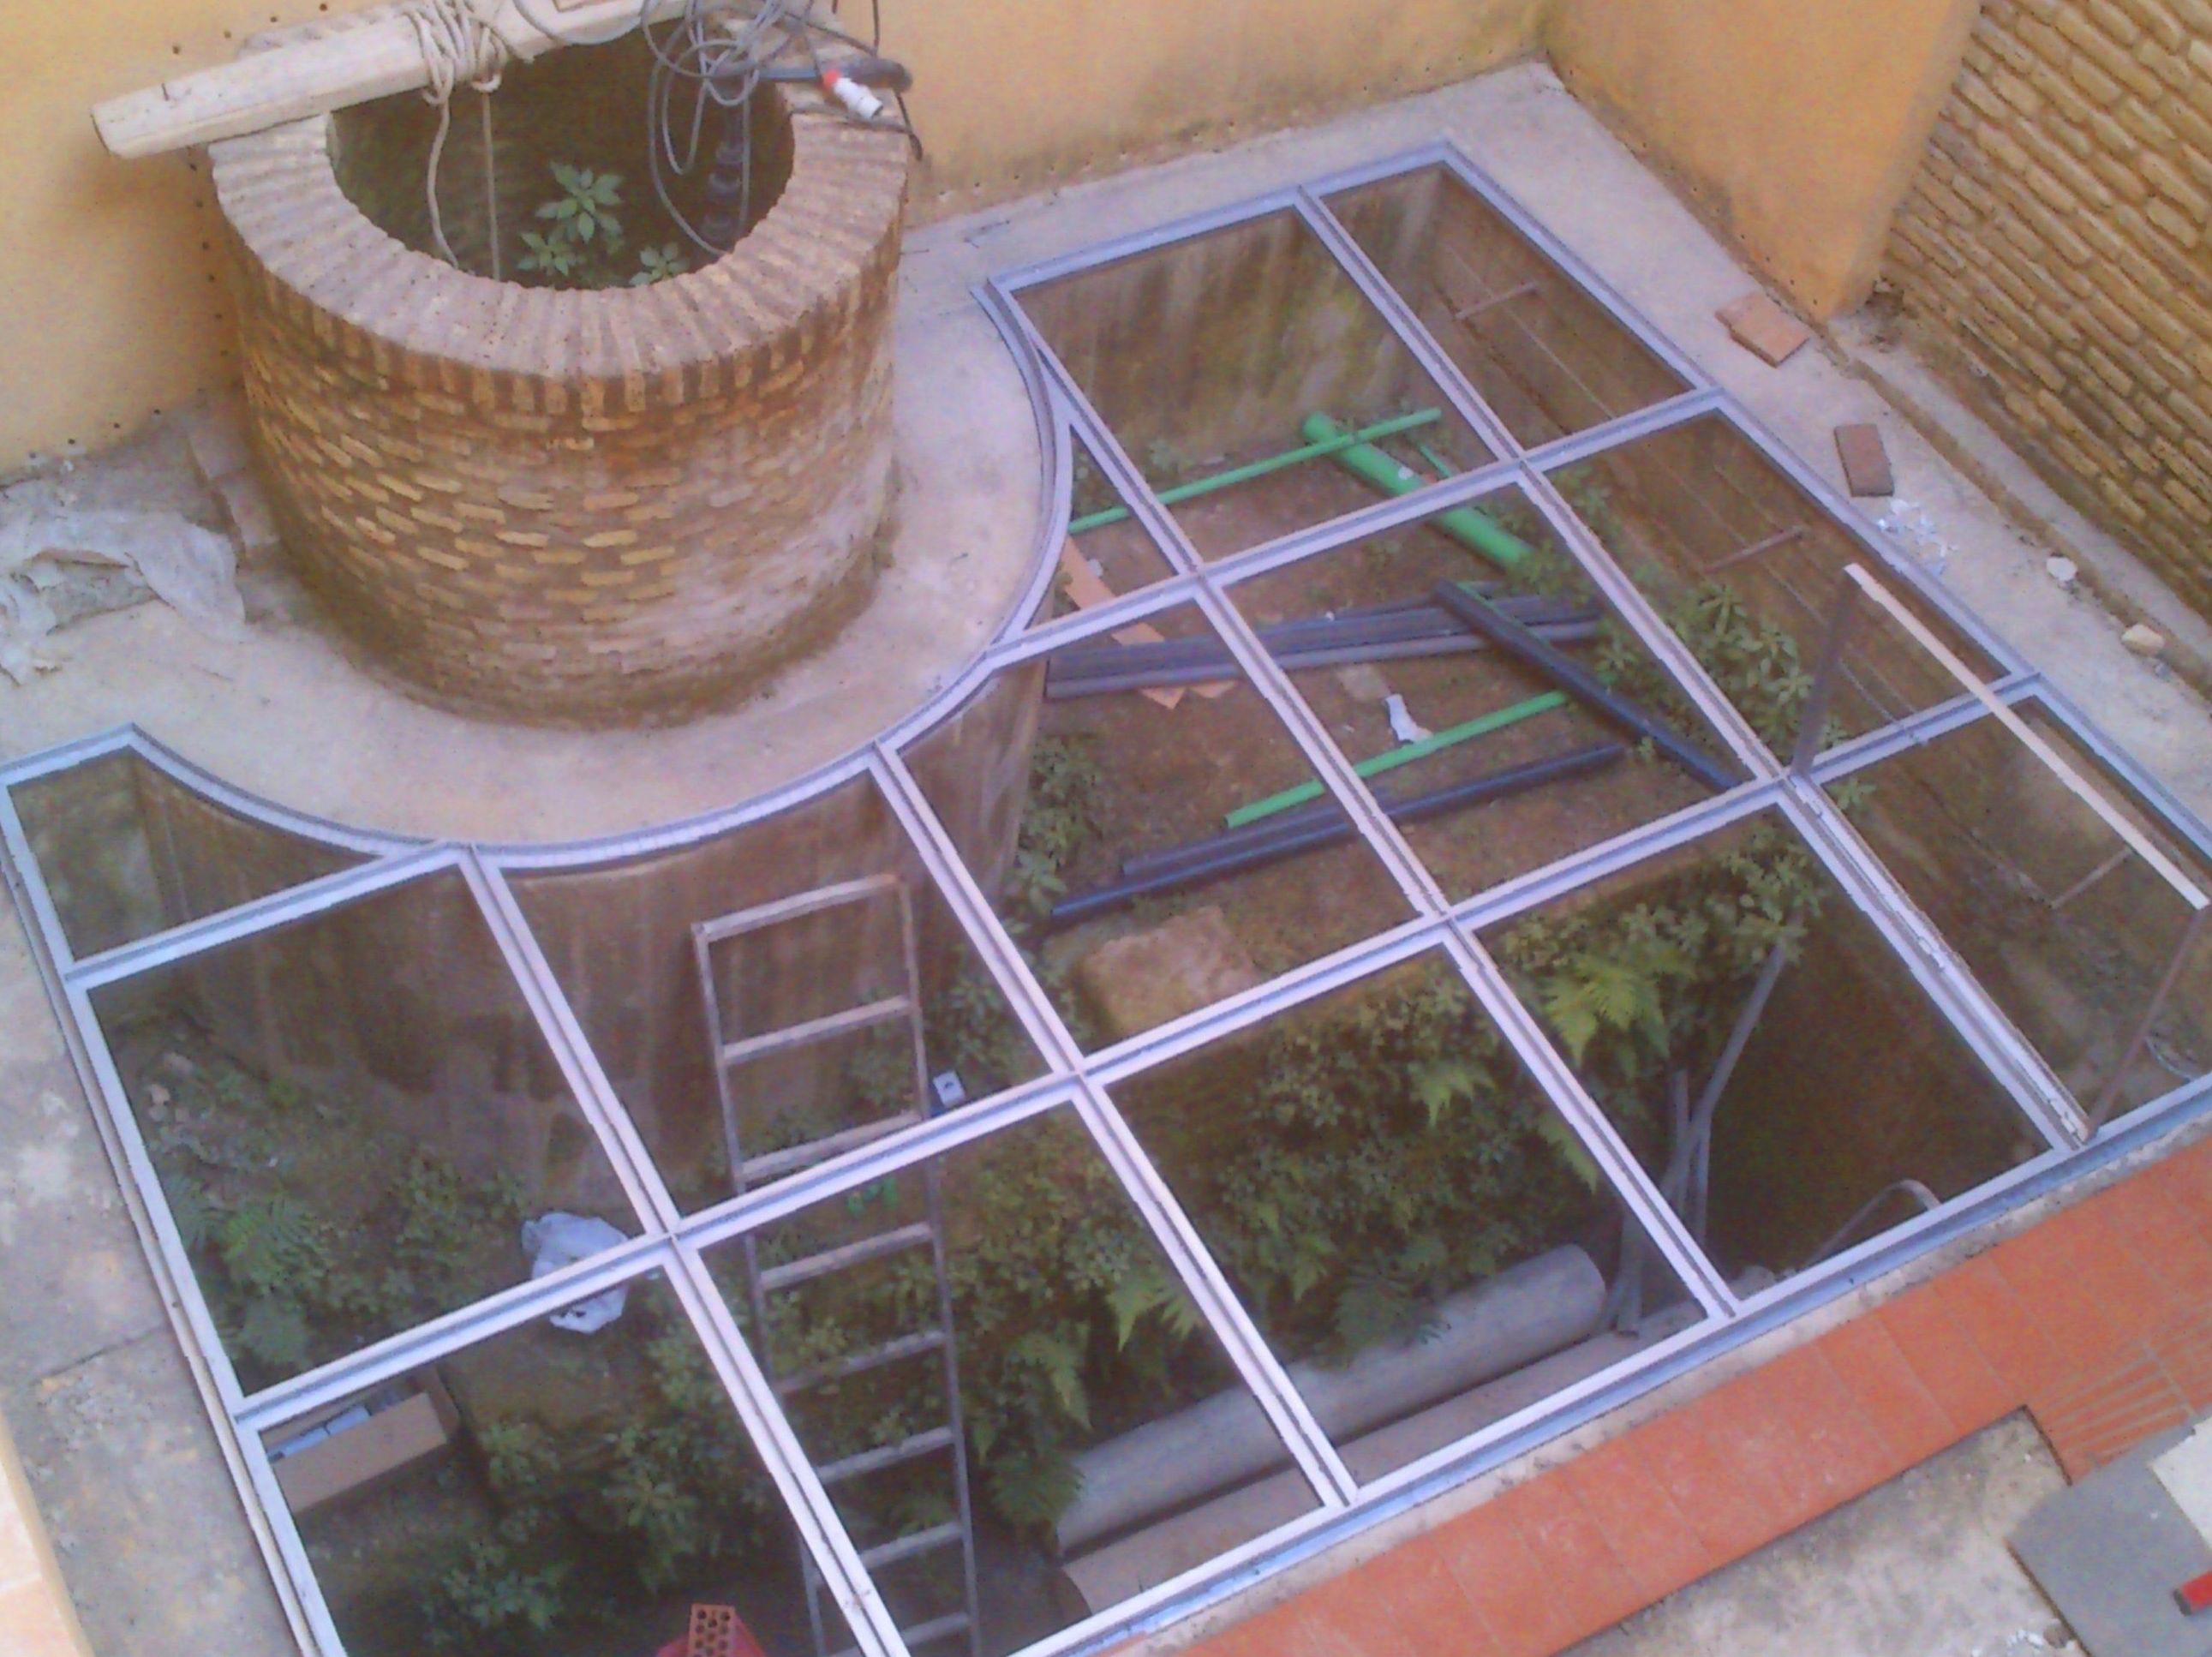 Suelo pisable de acero inoxidable con vidrios 10+10 montado en casa palacete.